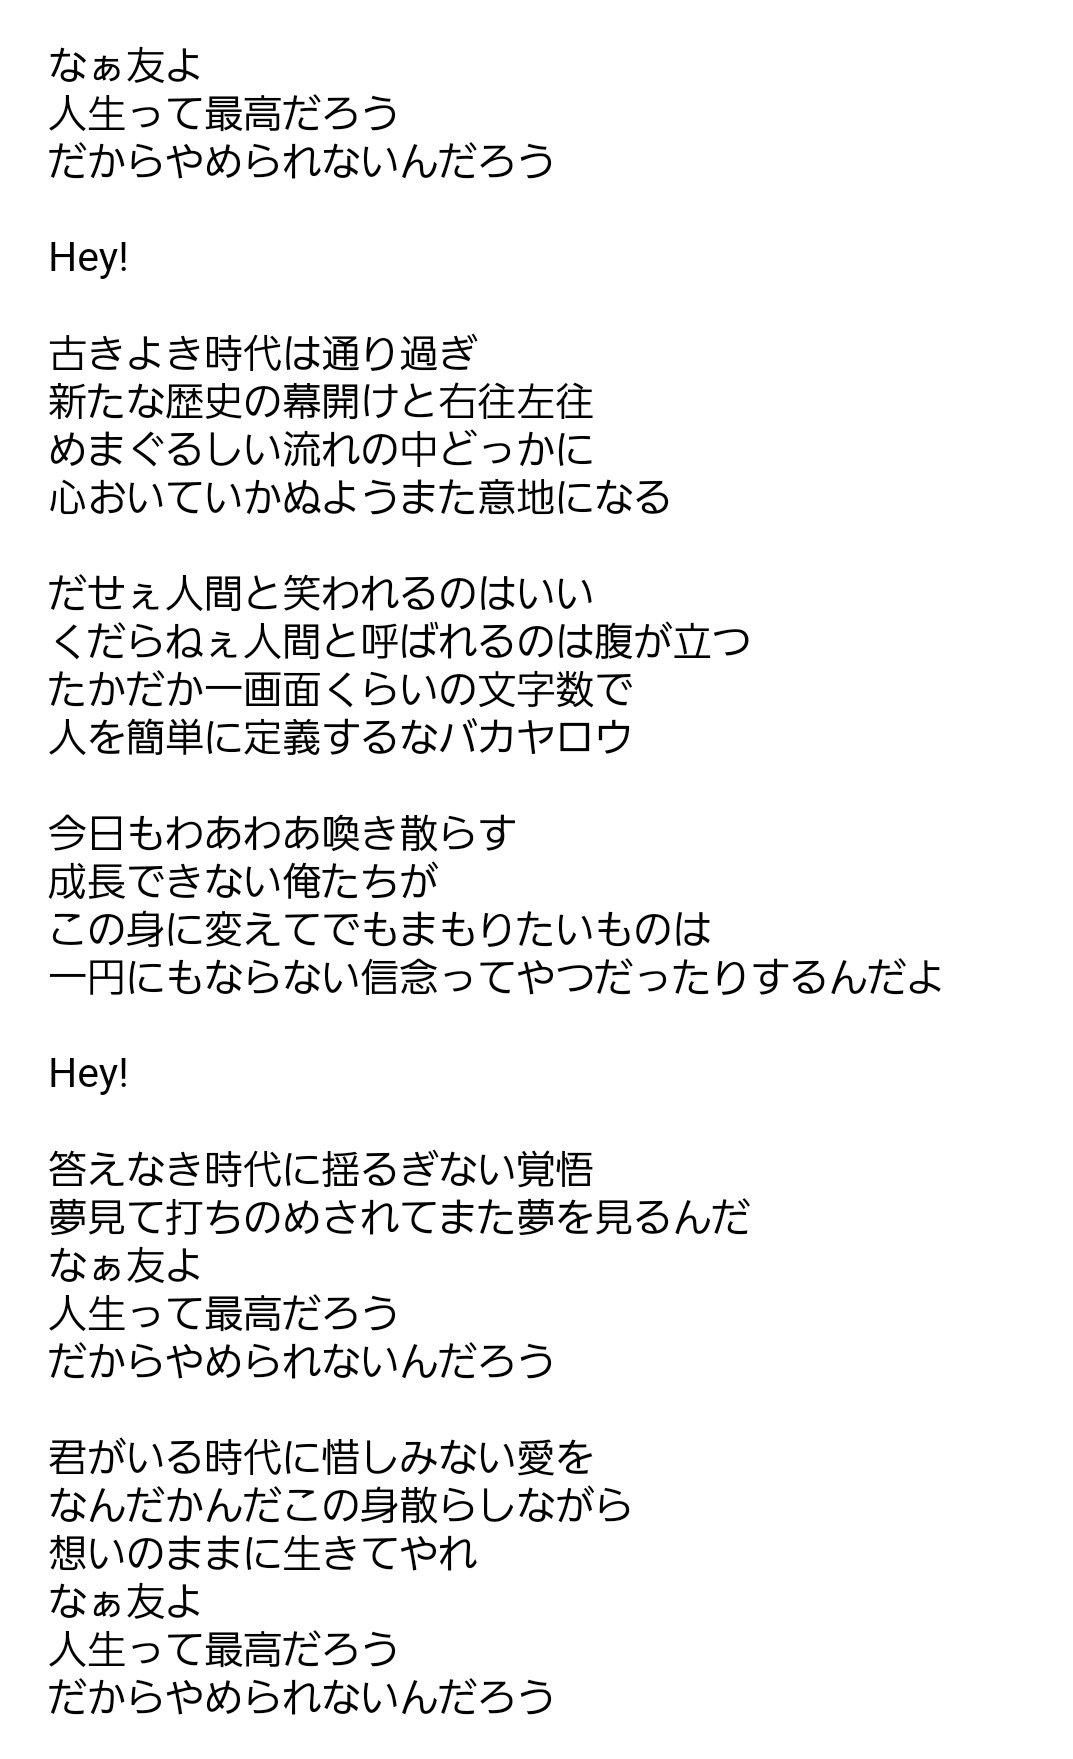 歌詞 関 ジャニ 友よ